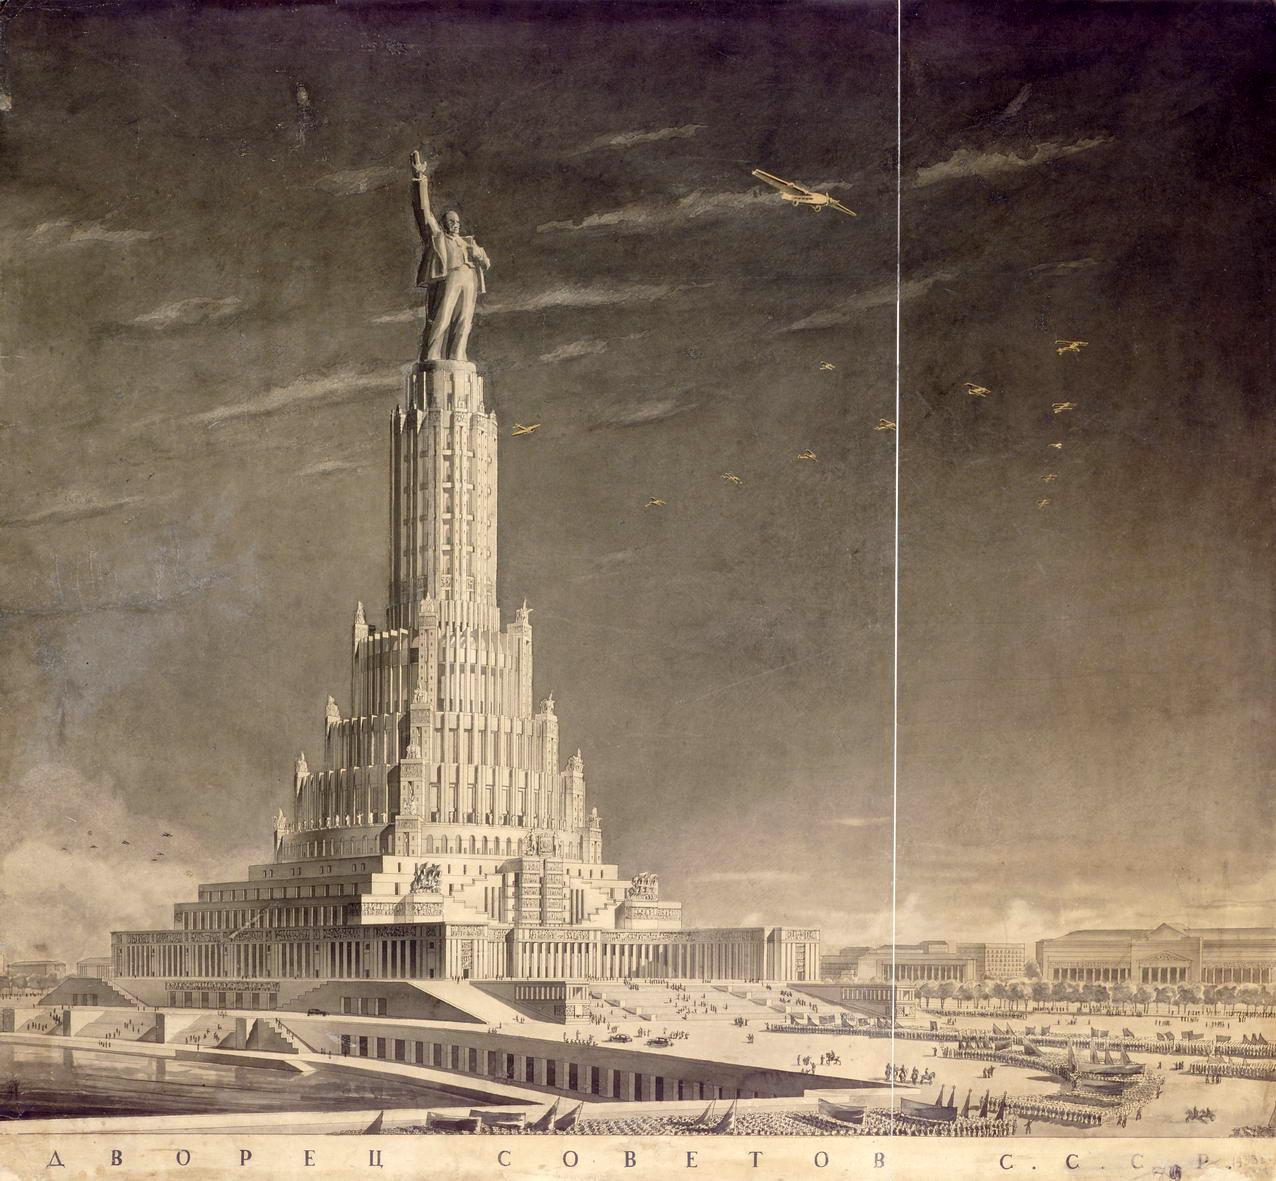 Palacio de los Soviets. Proyecto de Boris Iofan, 1937 (Foto: dominio público)